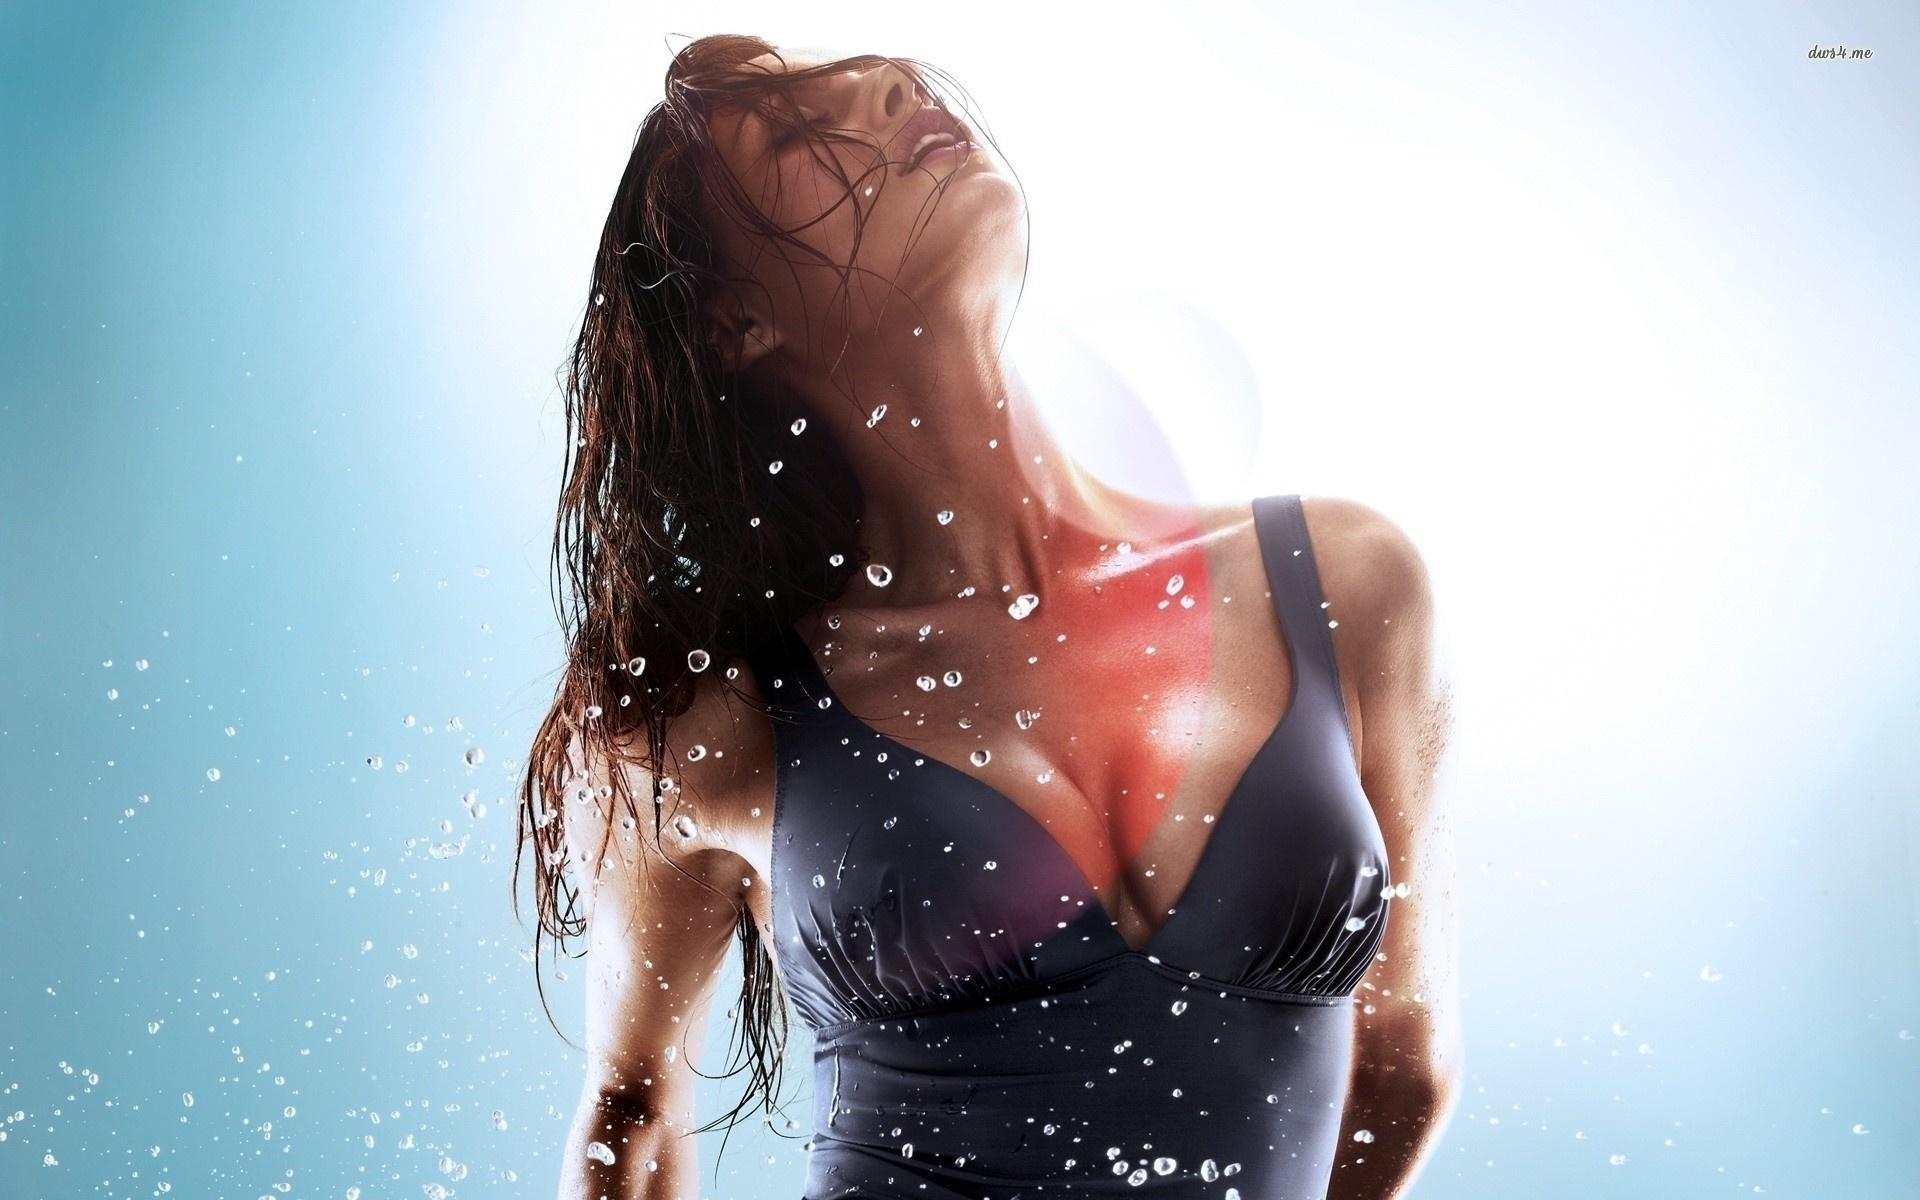 Узбечки вызов грудь майка мокрая ласки опытной лесби